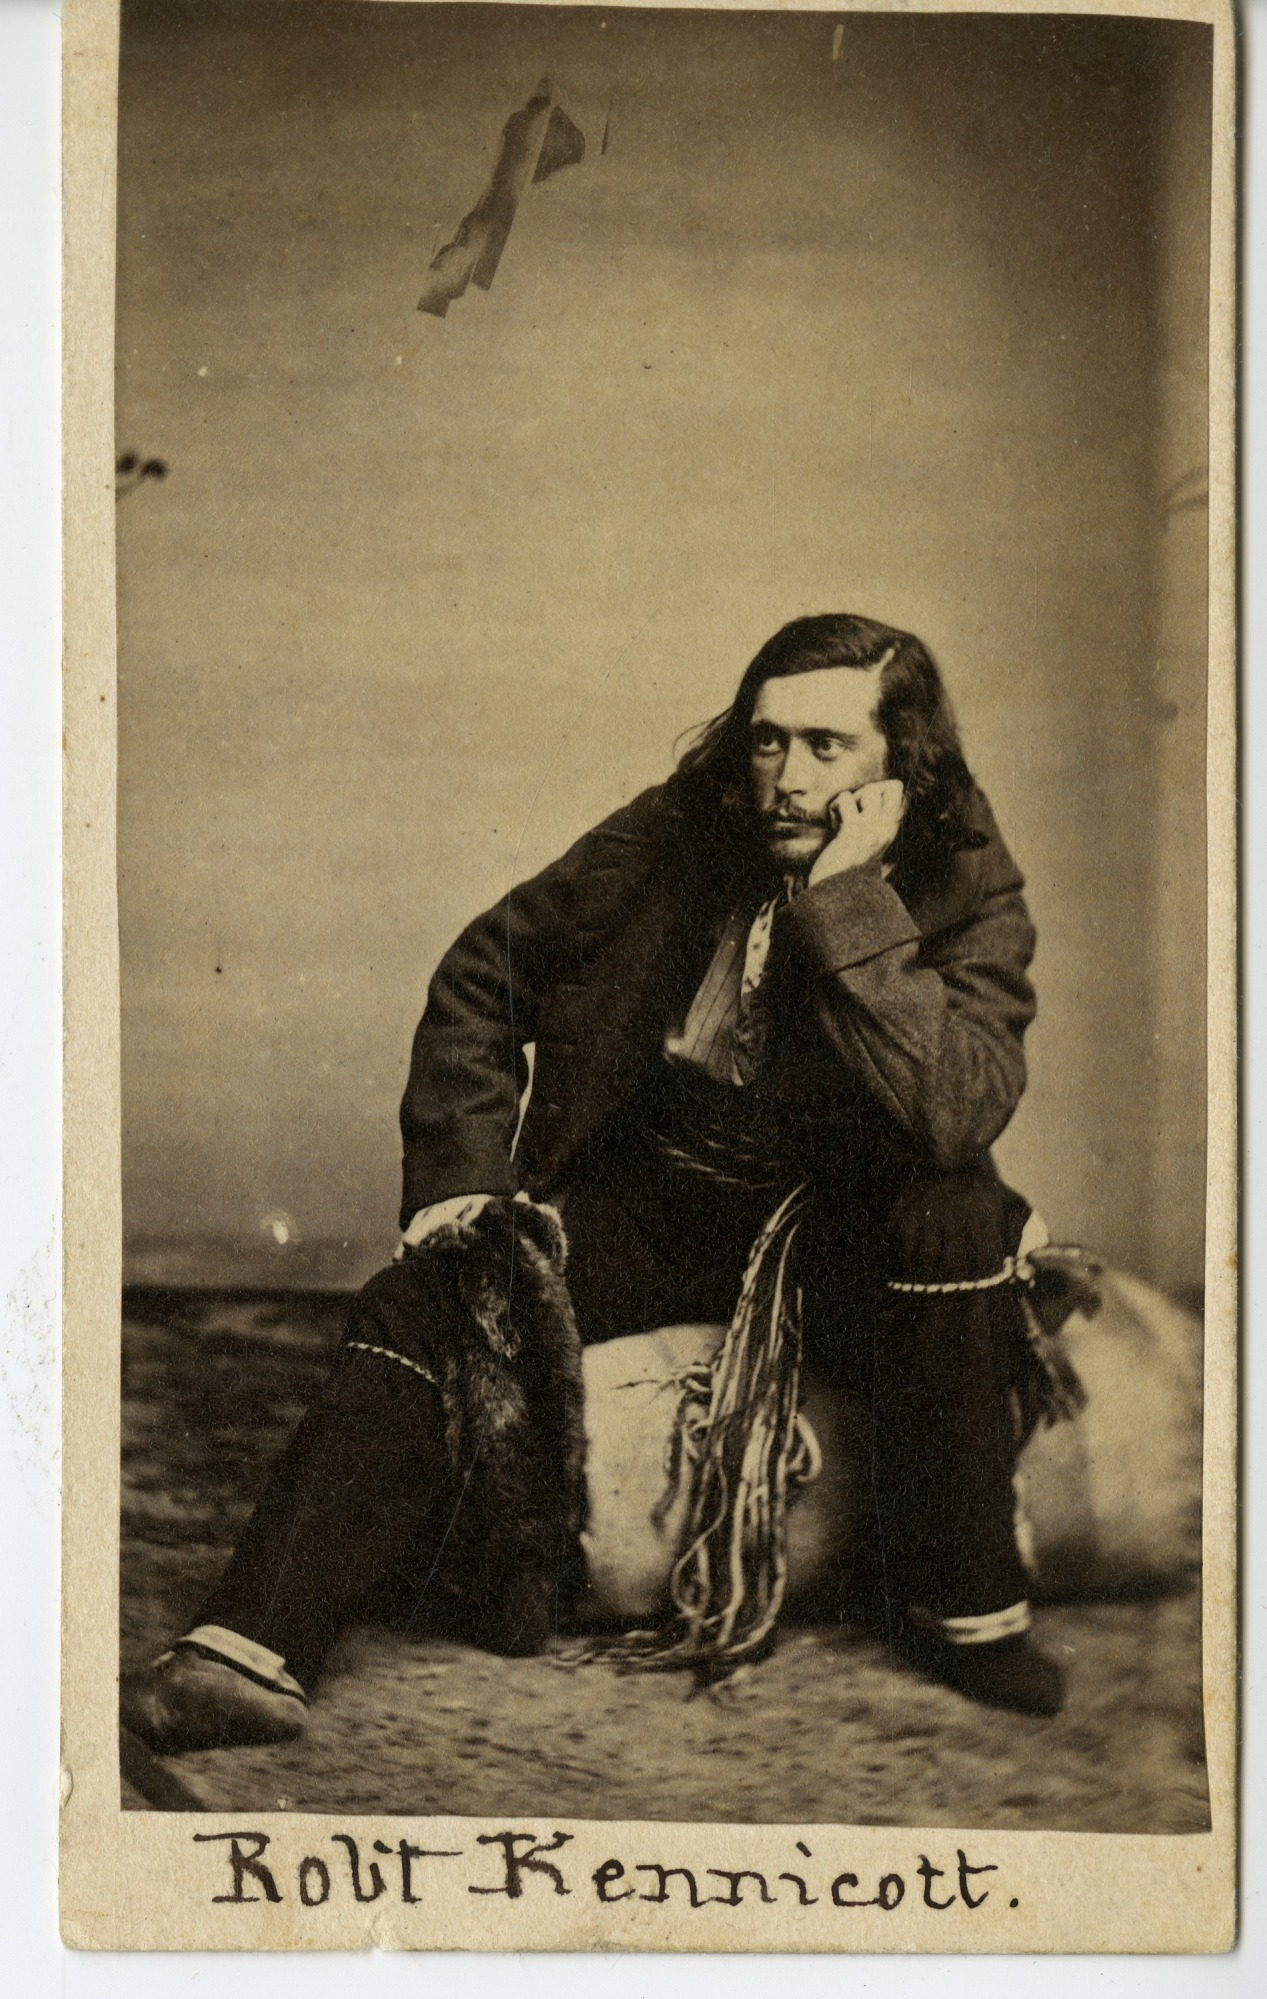 Robert Kennicott, Explorer, in Field Outfit